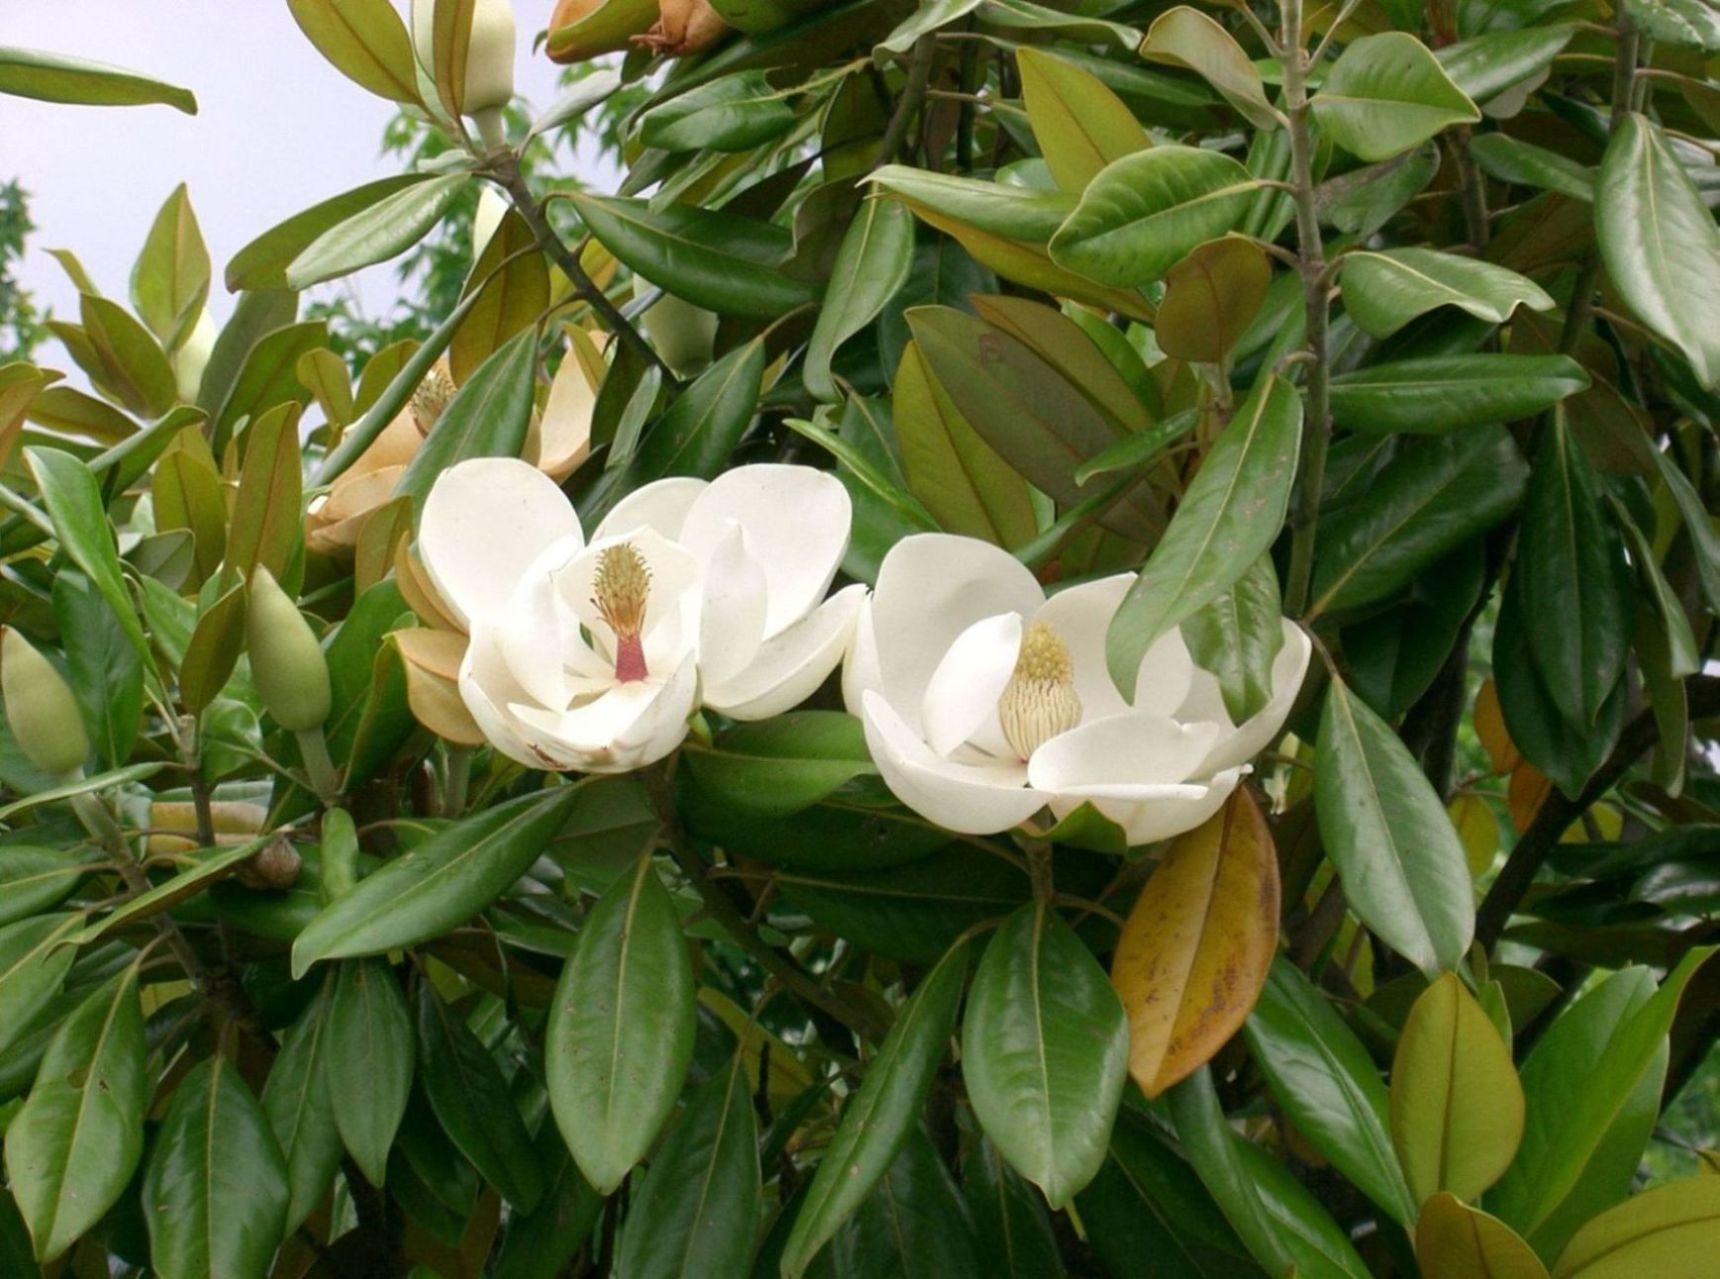 magnolias : planter et entretenir des magnolias | pratique.fr